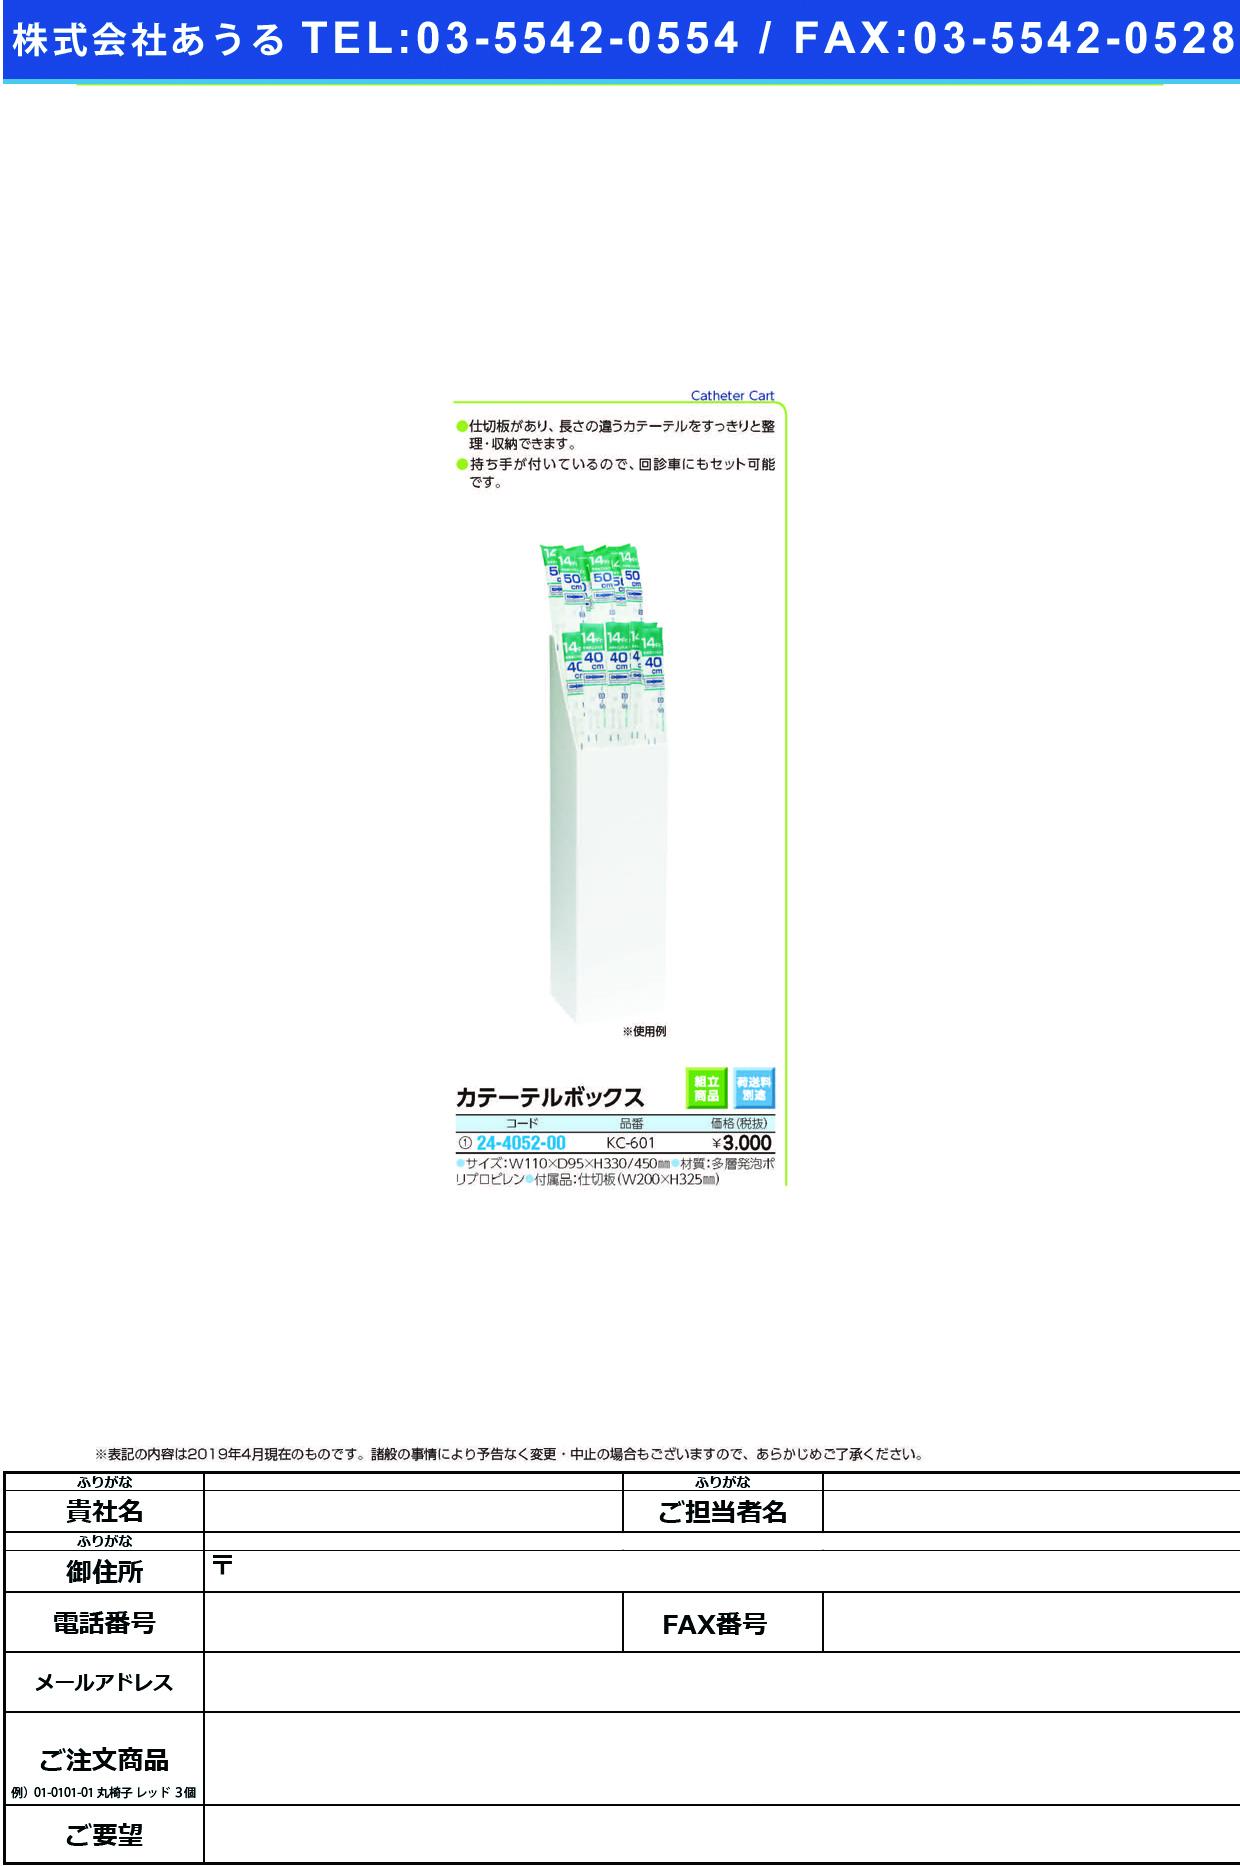 (24-4052-00)カテーテルボックス KC-601 カテーテルボックス(ケルン)【1個単位】【2019年カタログ商品】